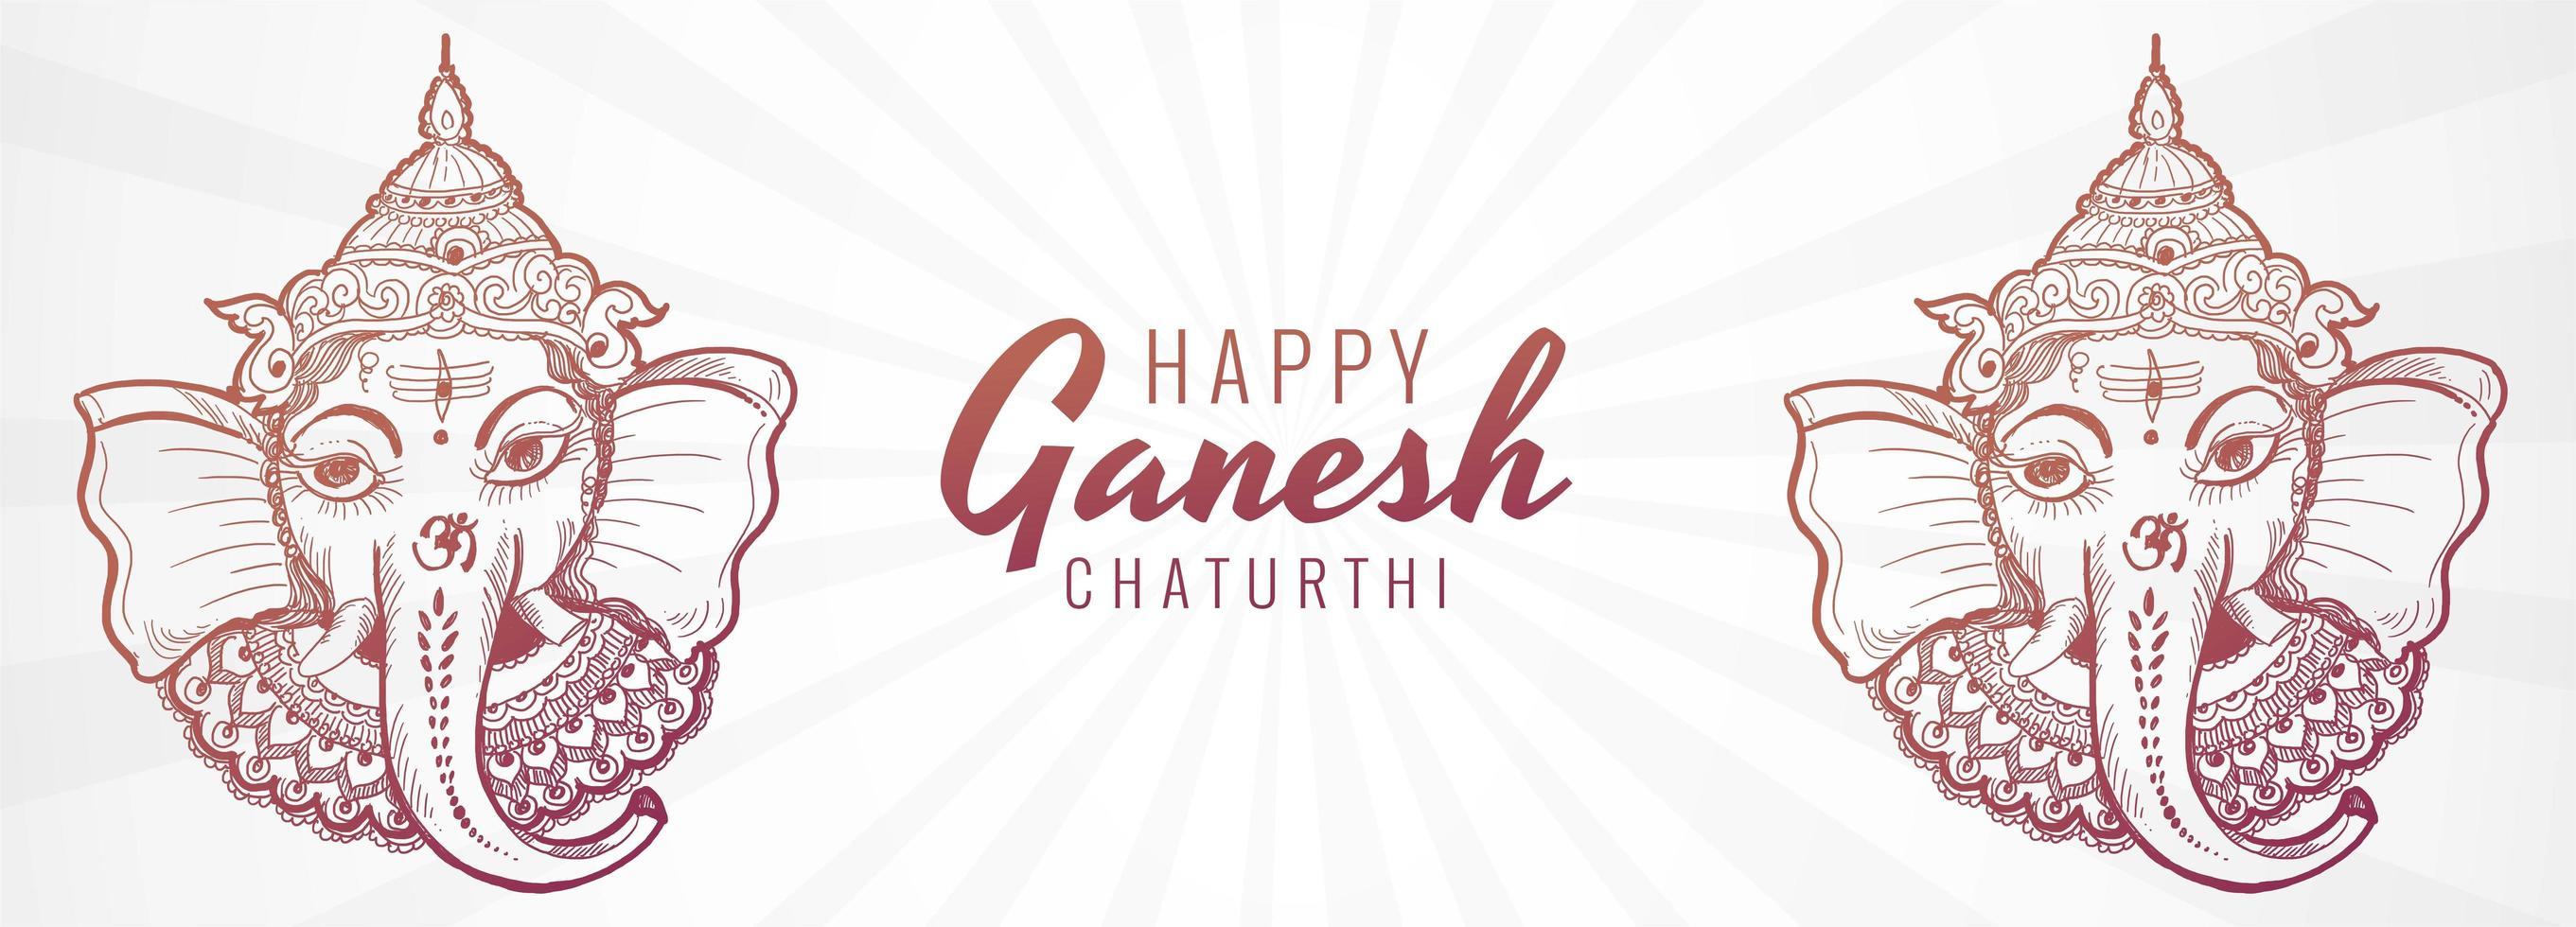 creatieve artistieke ganesh chaturthi-festivalbanner vector